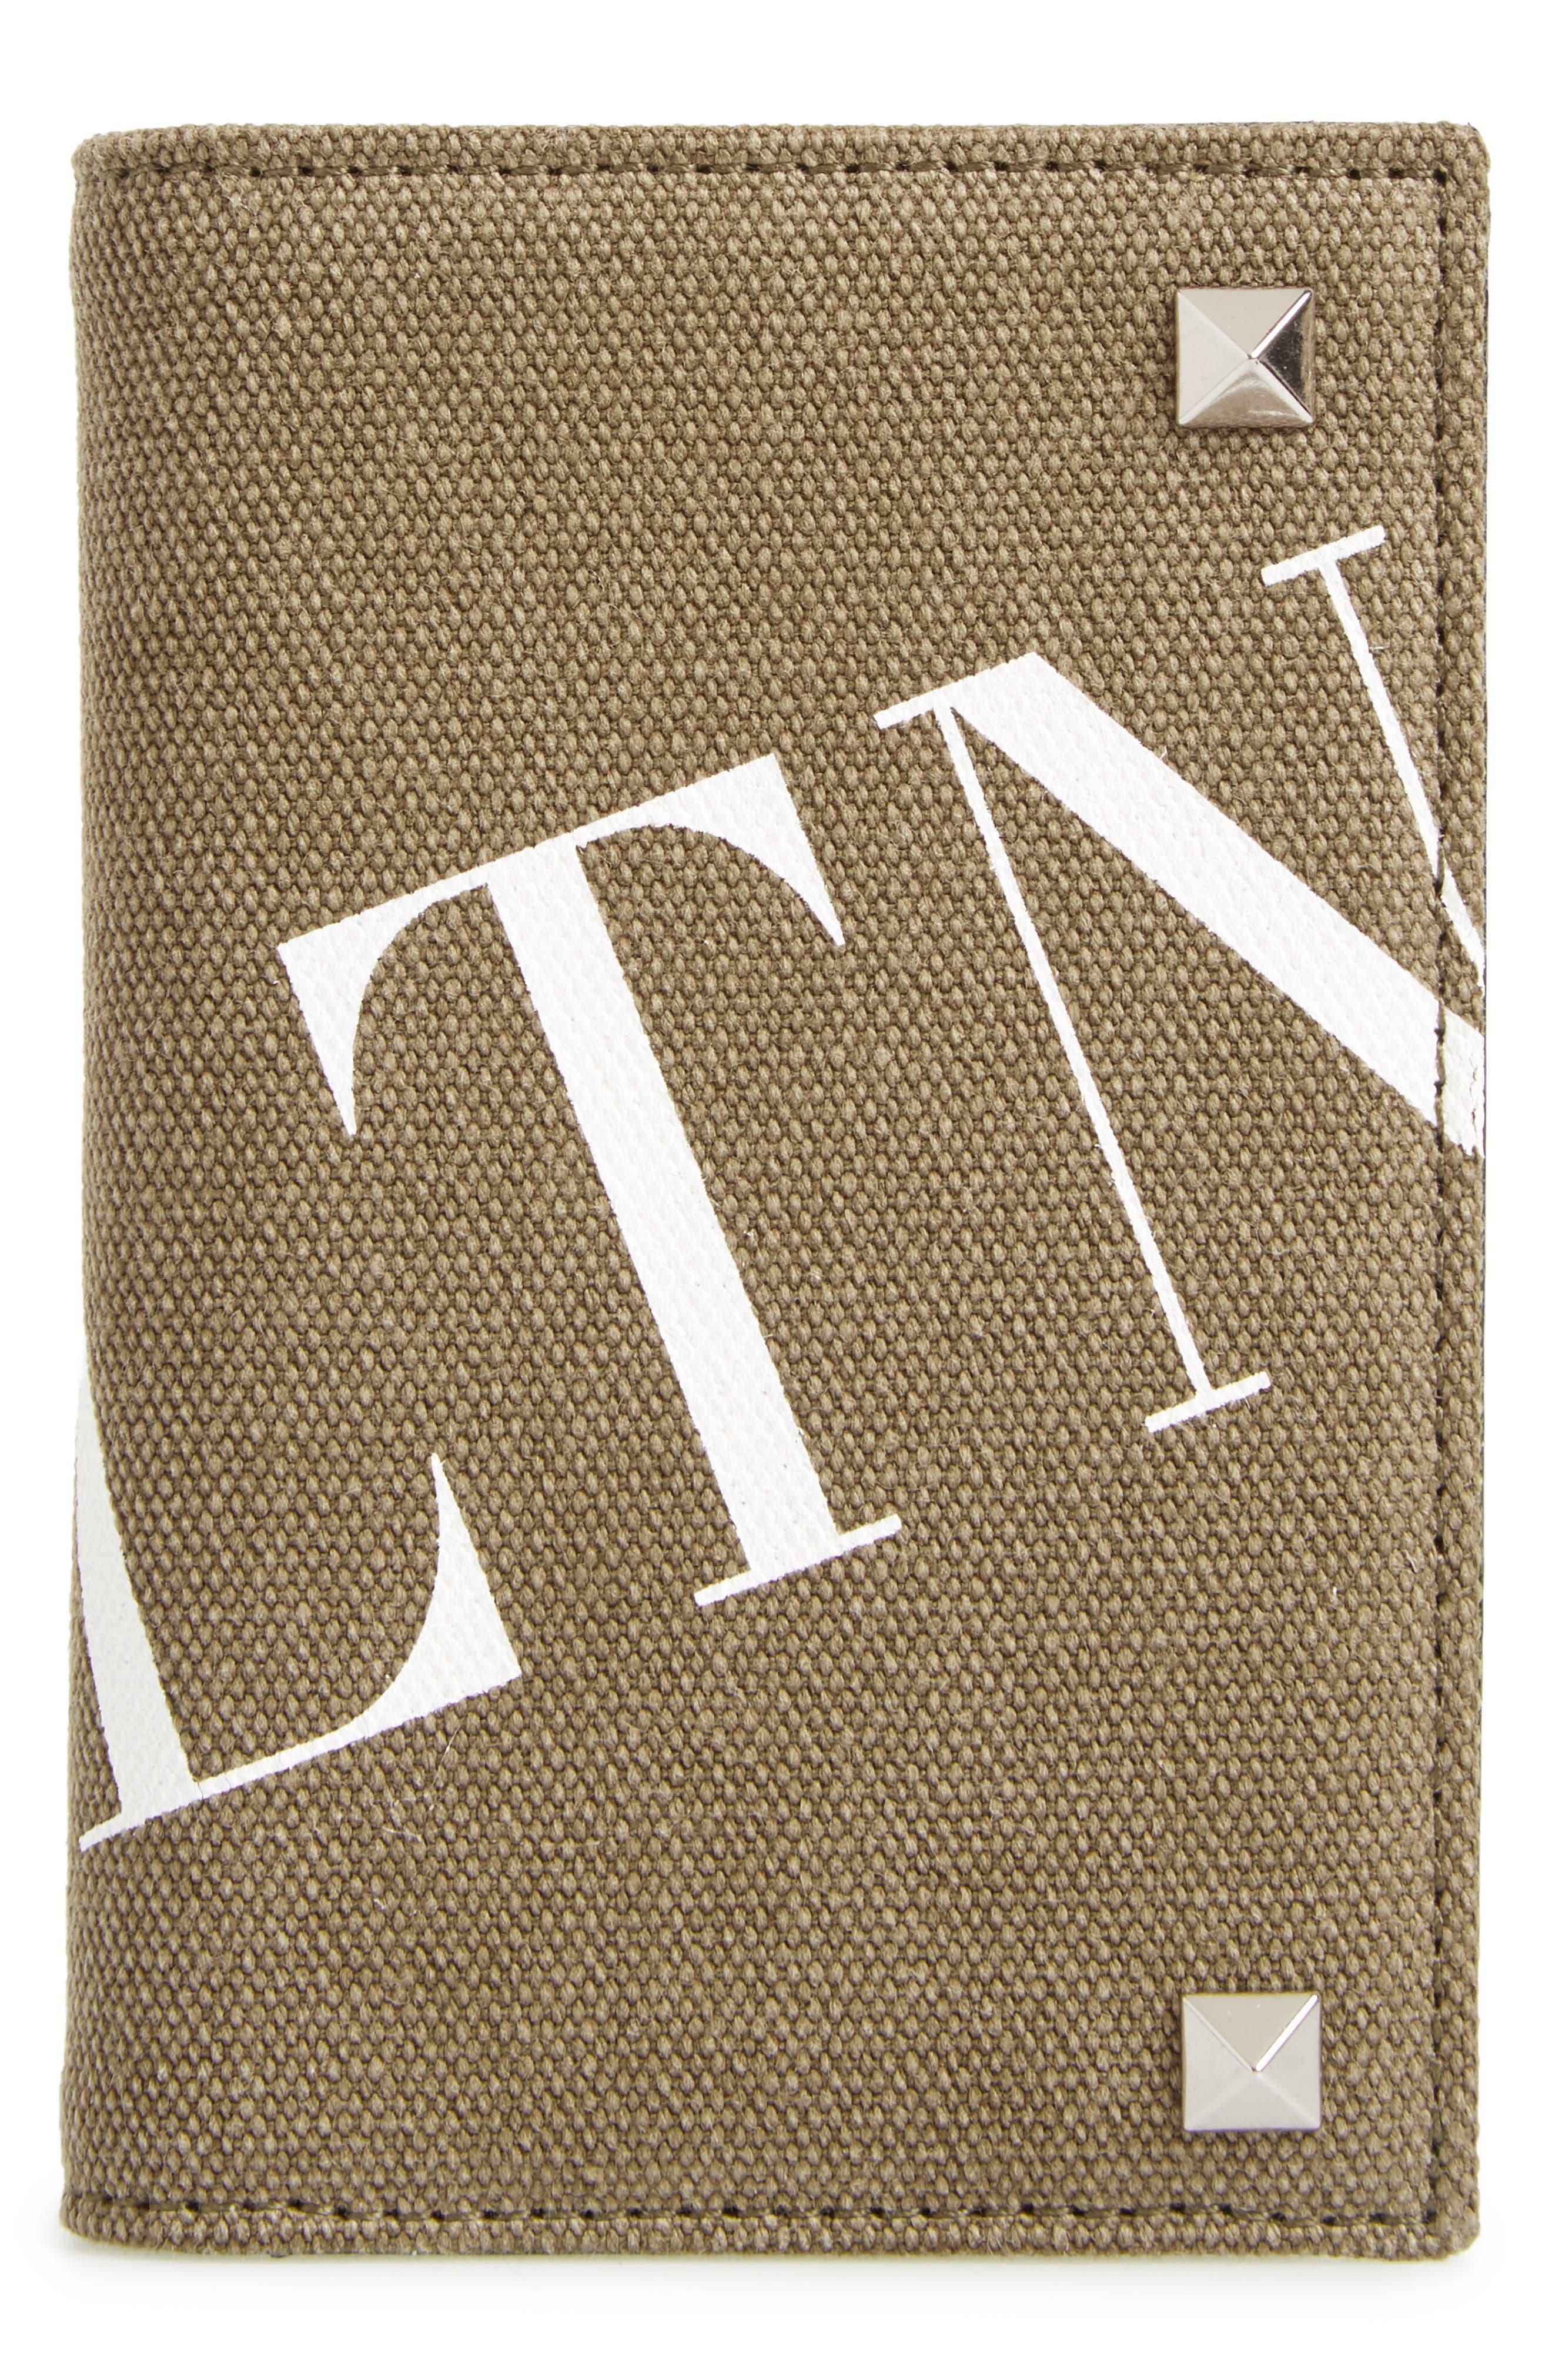 GARAVANI Stud Canvas Wallet,                         Main,                         color, 370